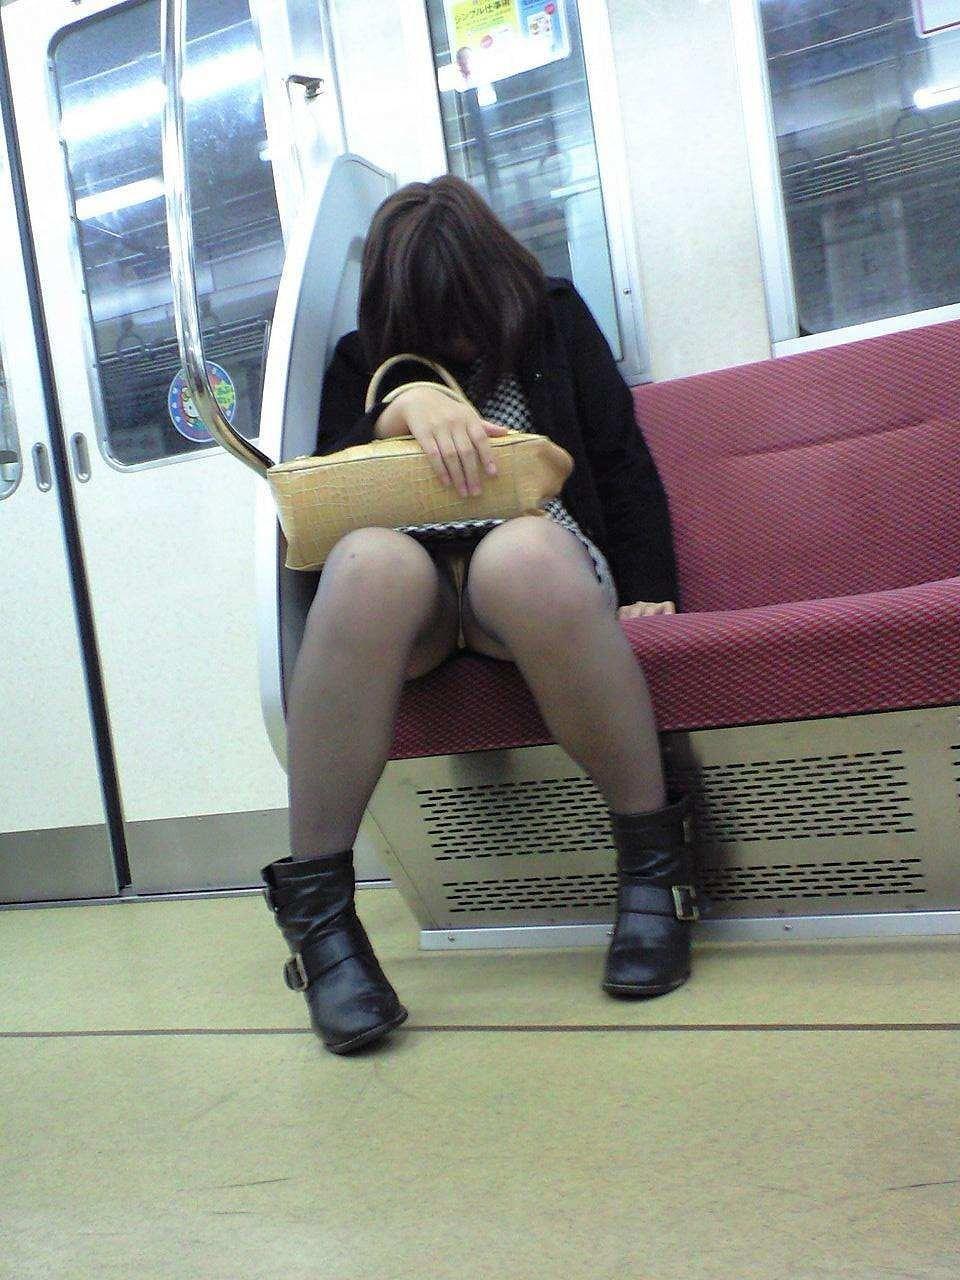 出社前OLの電車内対面三角パンチラ盗撮画像16枚目